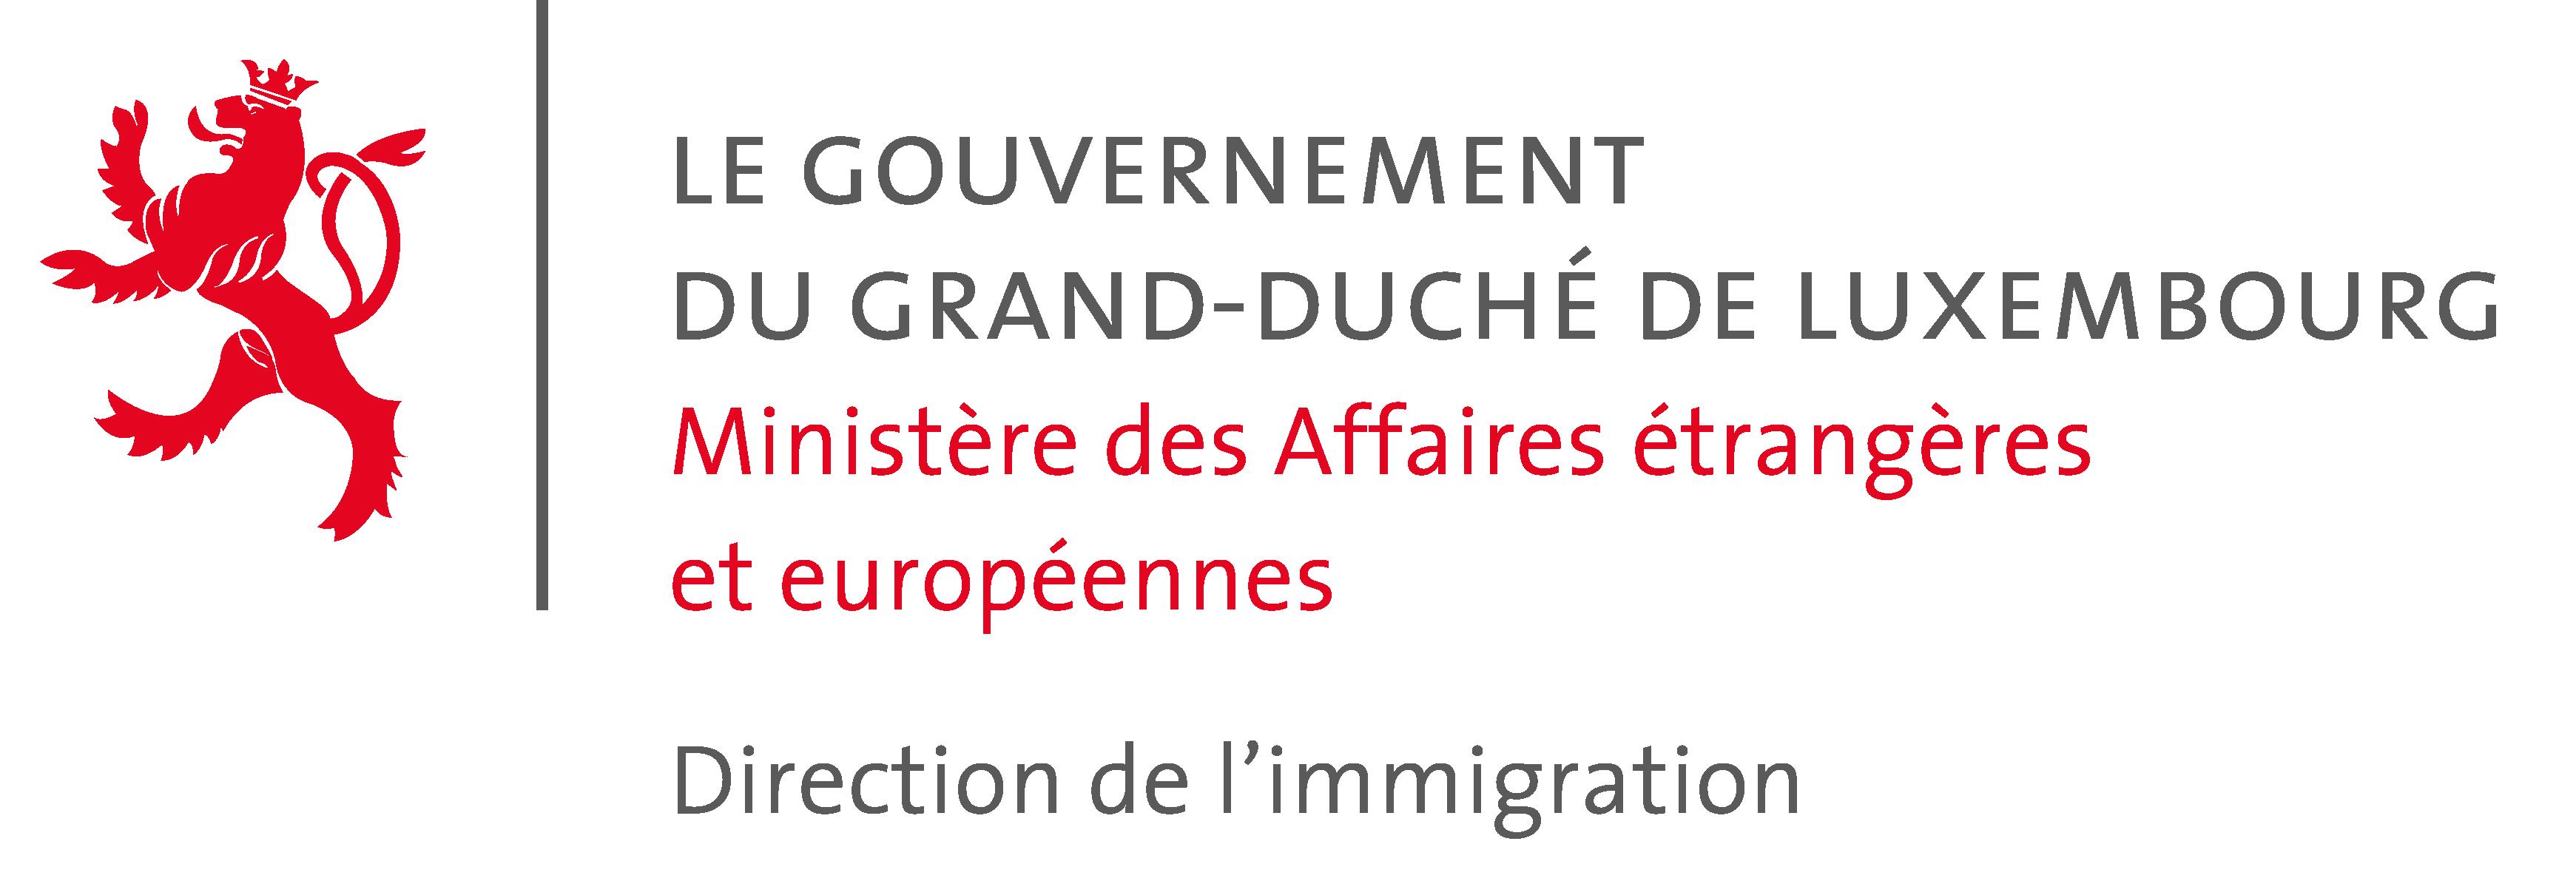 Ministère des Affaires étrangères et européennes - Direction de l'immigration